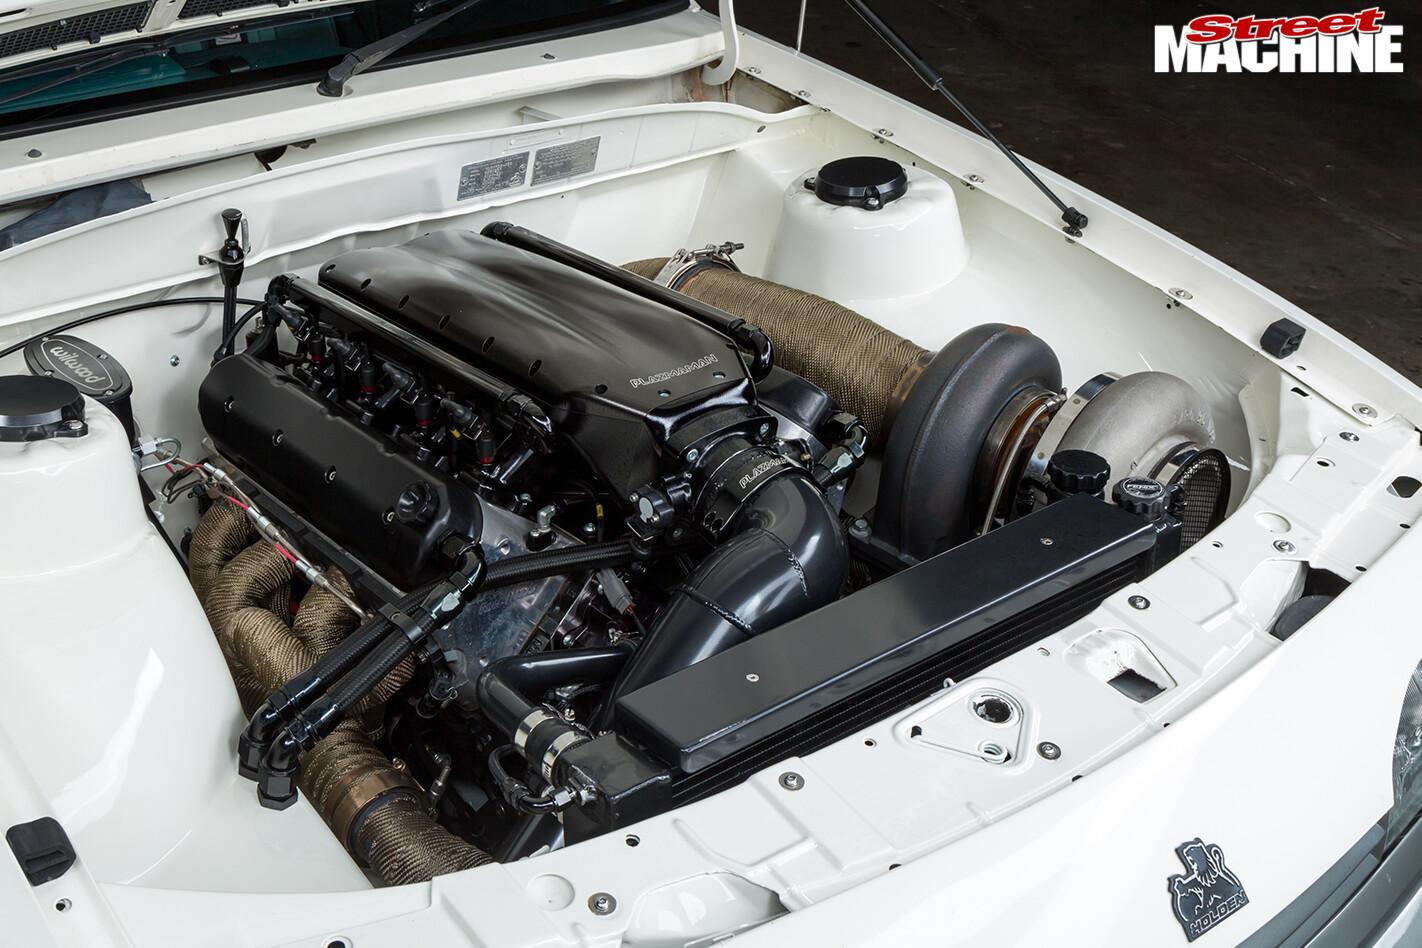 Street Machine Features Holden Vl Calais Engine Bay 2